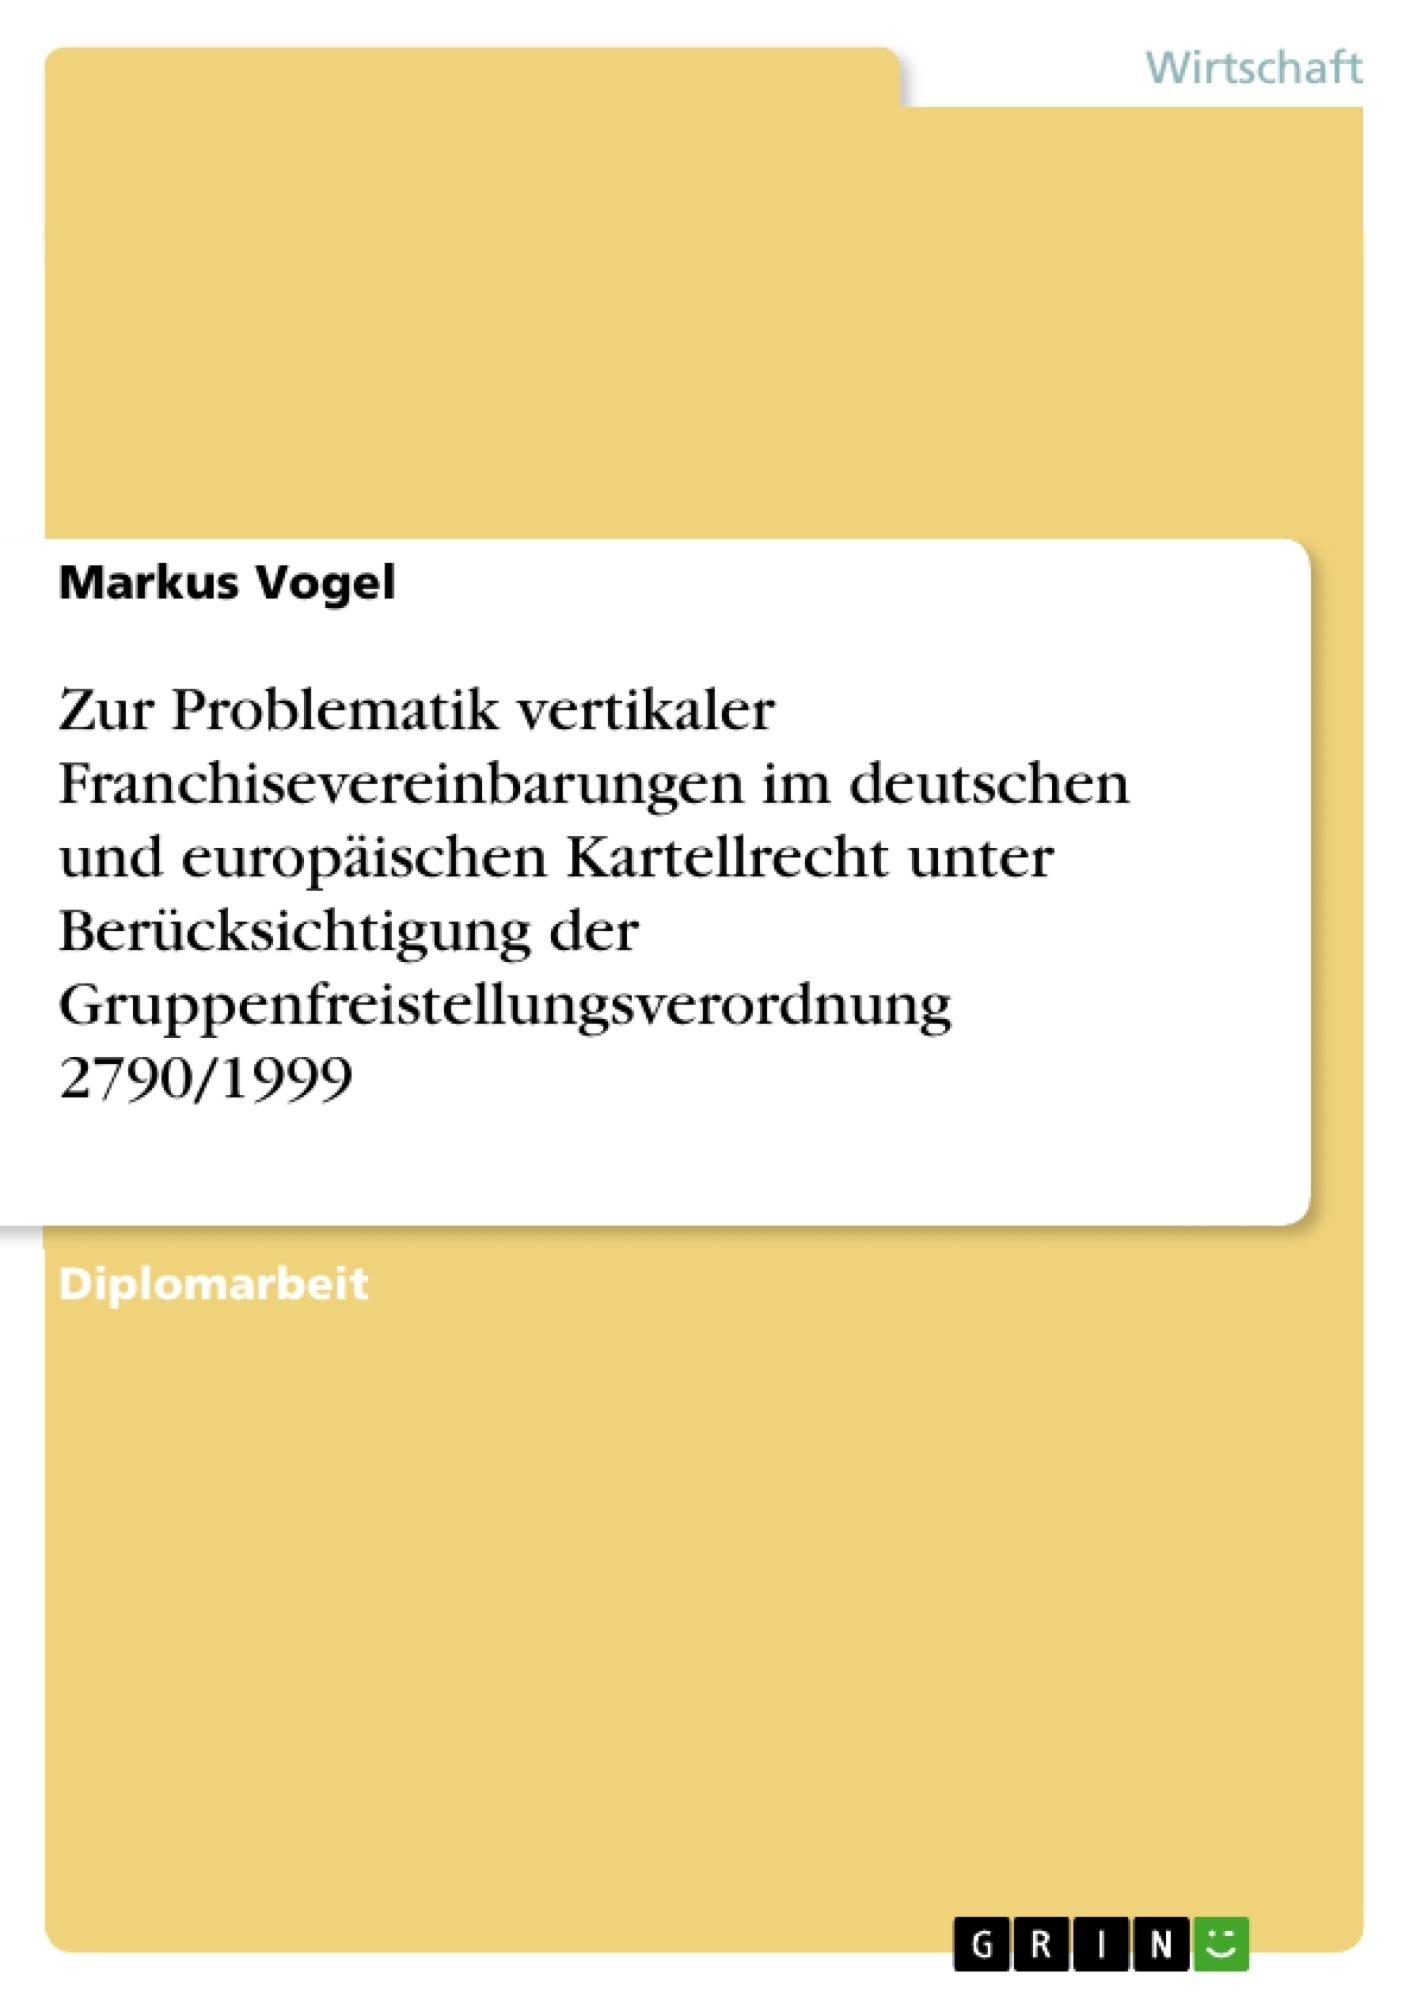 Titel: Zur Problematik vertikaler Franchisevereinbarungen im deutschen und europäischen Kartellrecht unter Berücksichtigung der Gruppenfreistellungsverordnung 2790/1999